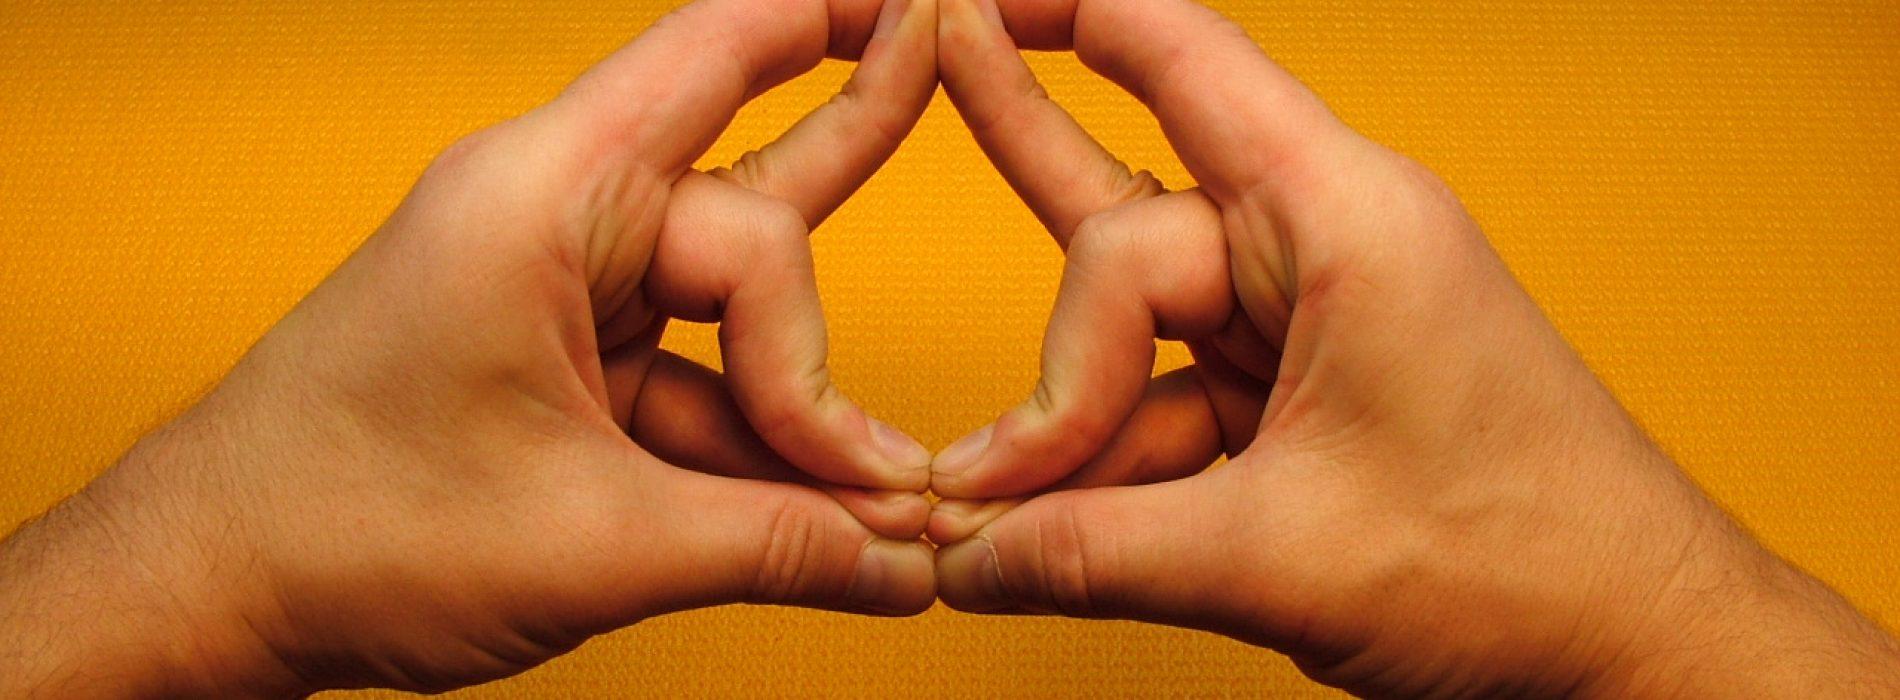 Mudra's: De genezende kracht van je handen